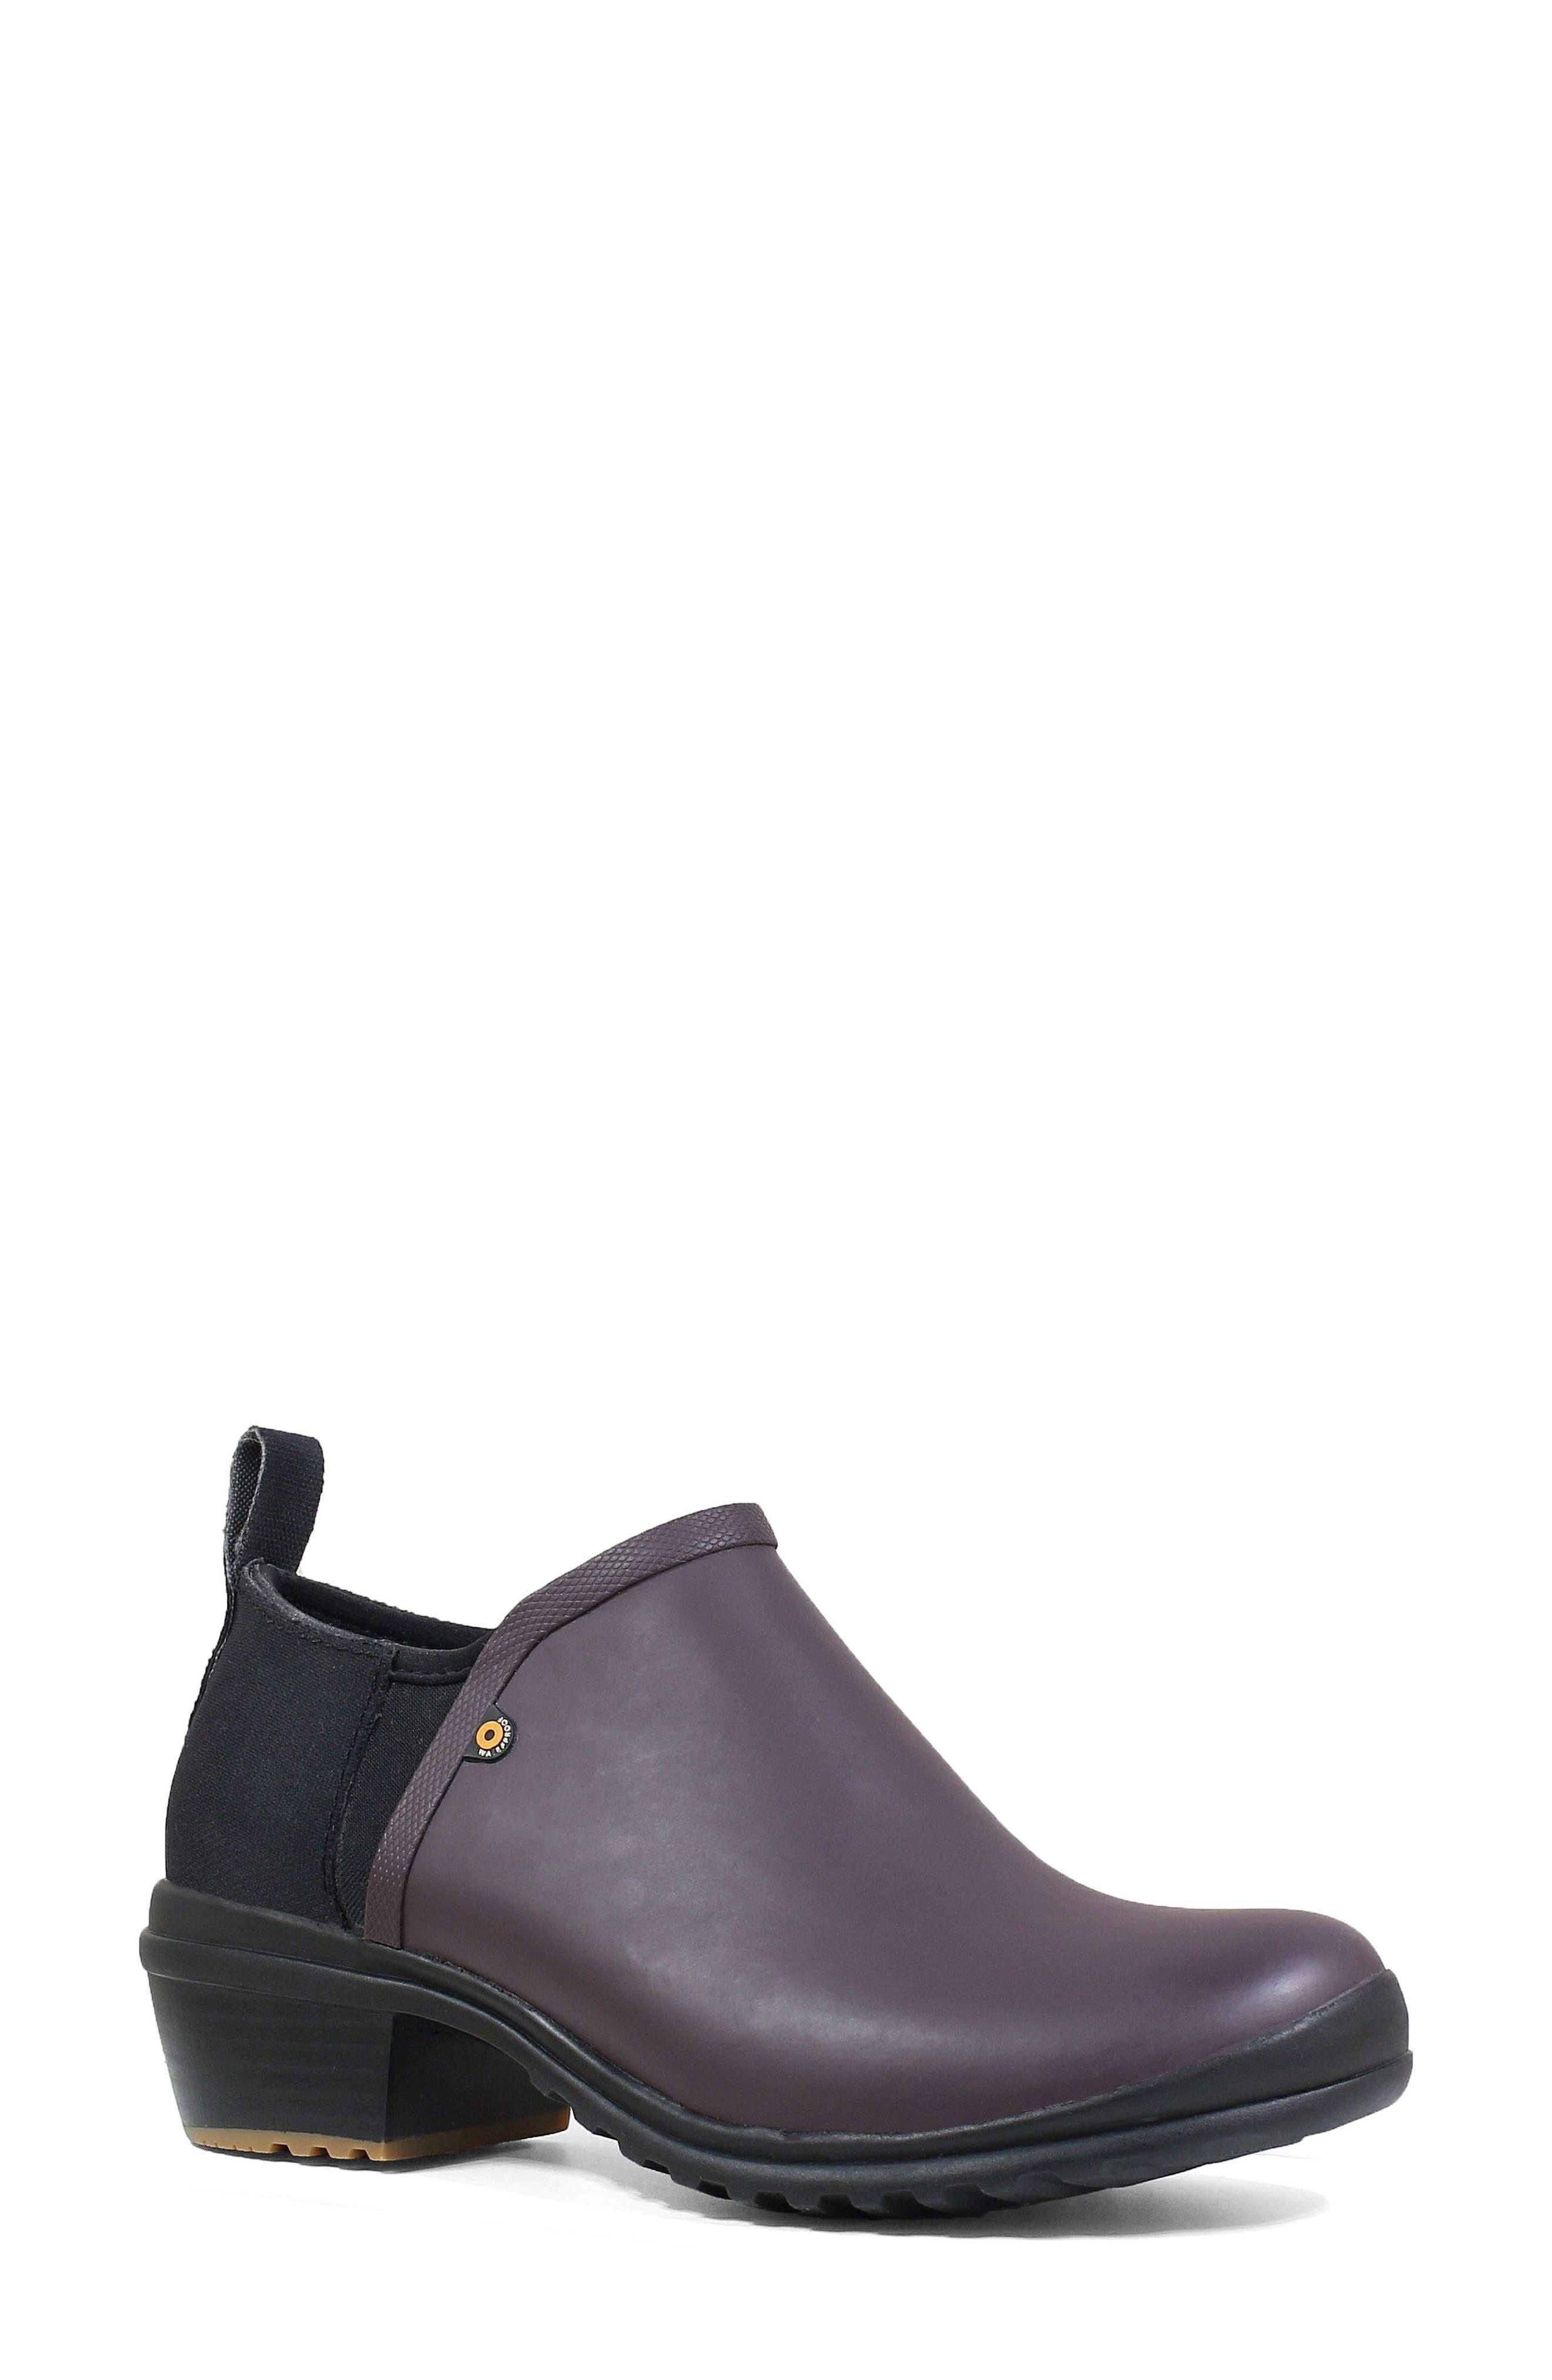 Bogs Vista Rain Ankle Waterproof Boot, Purple